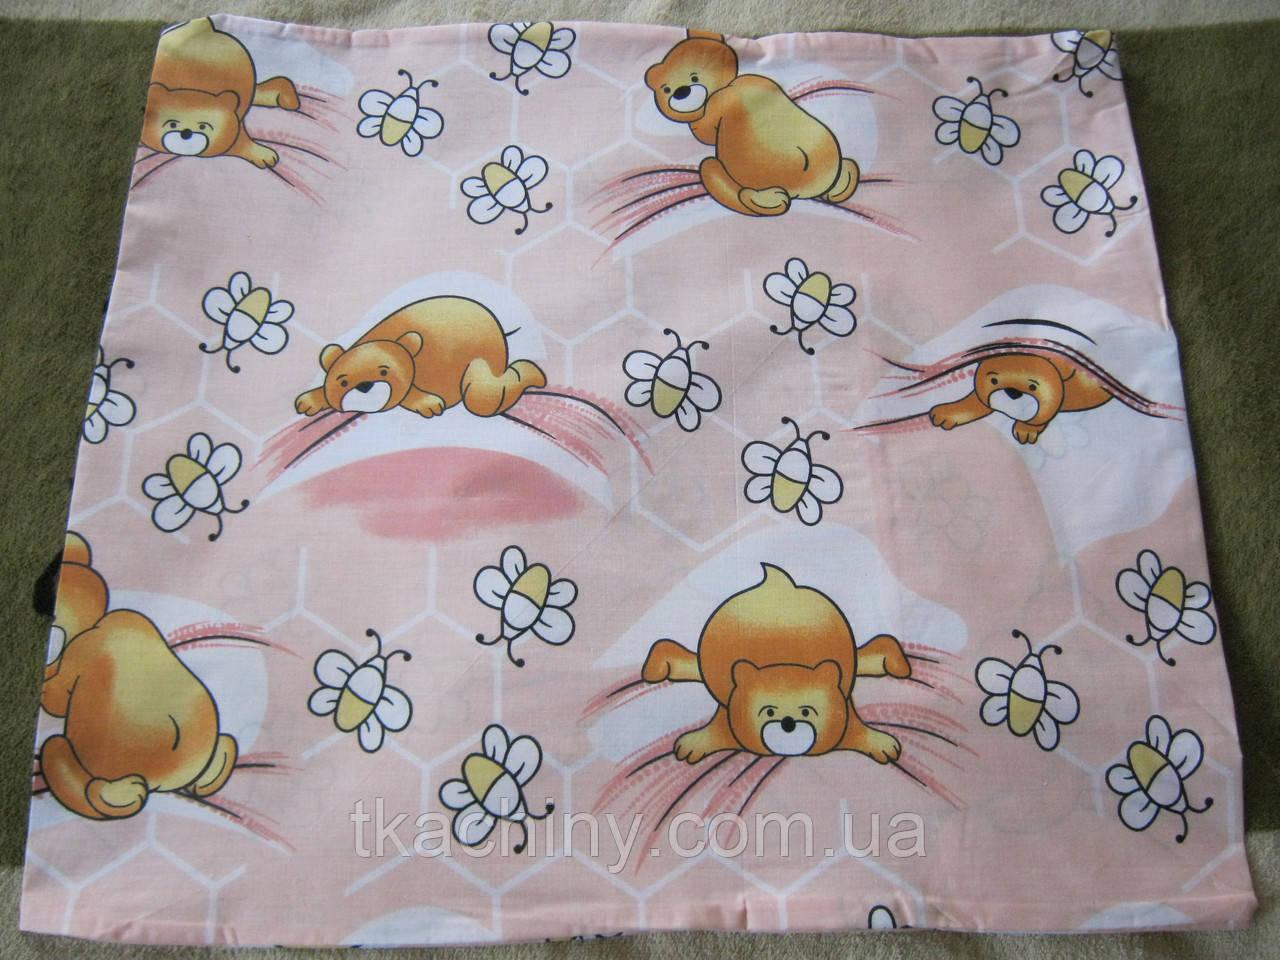 Детское постельное белье Мишка любит мед - Tkachiny Shop в Харькове